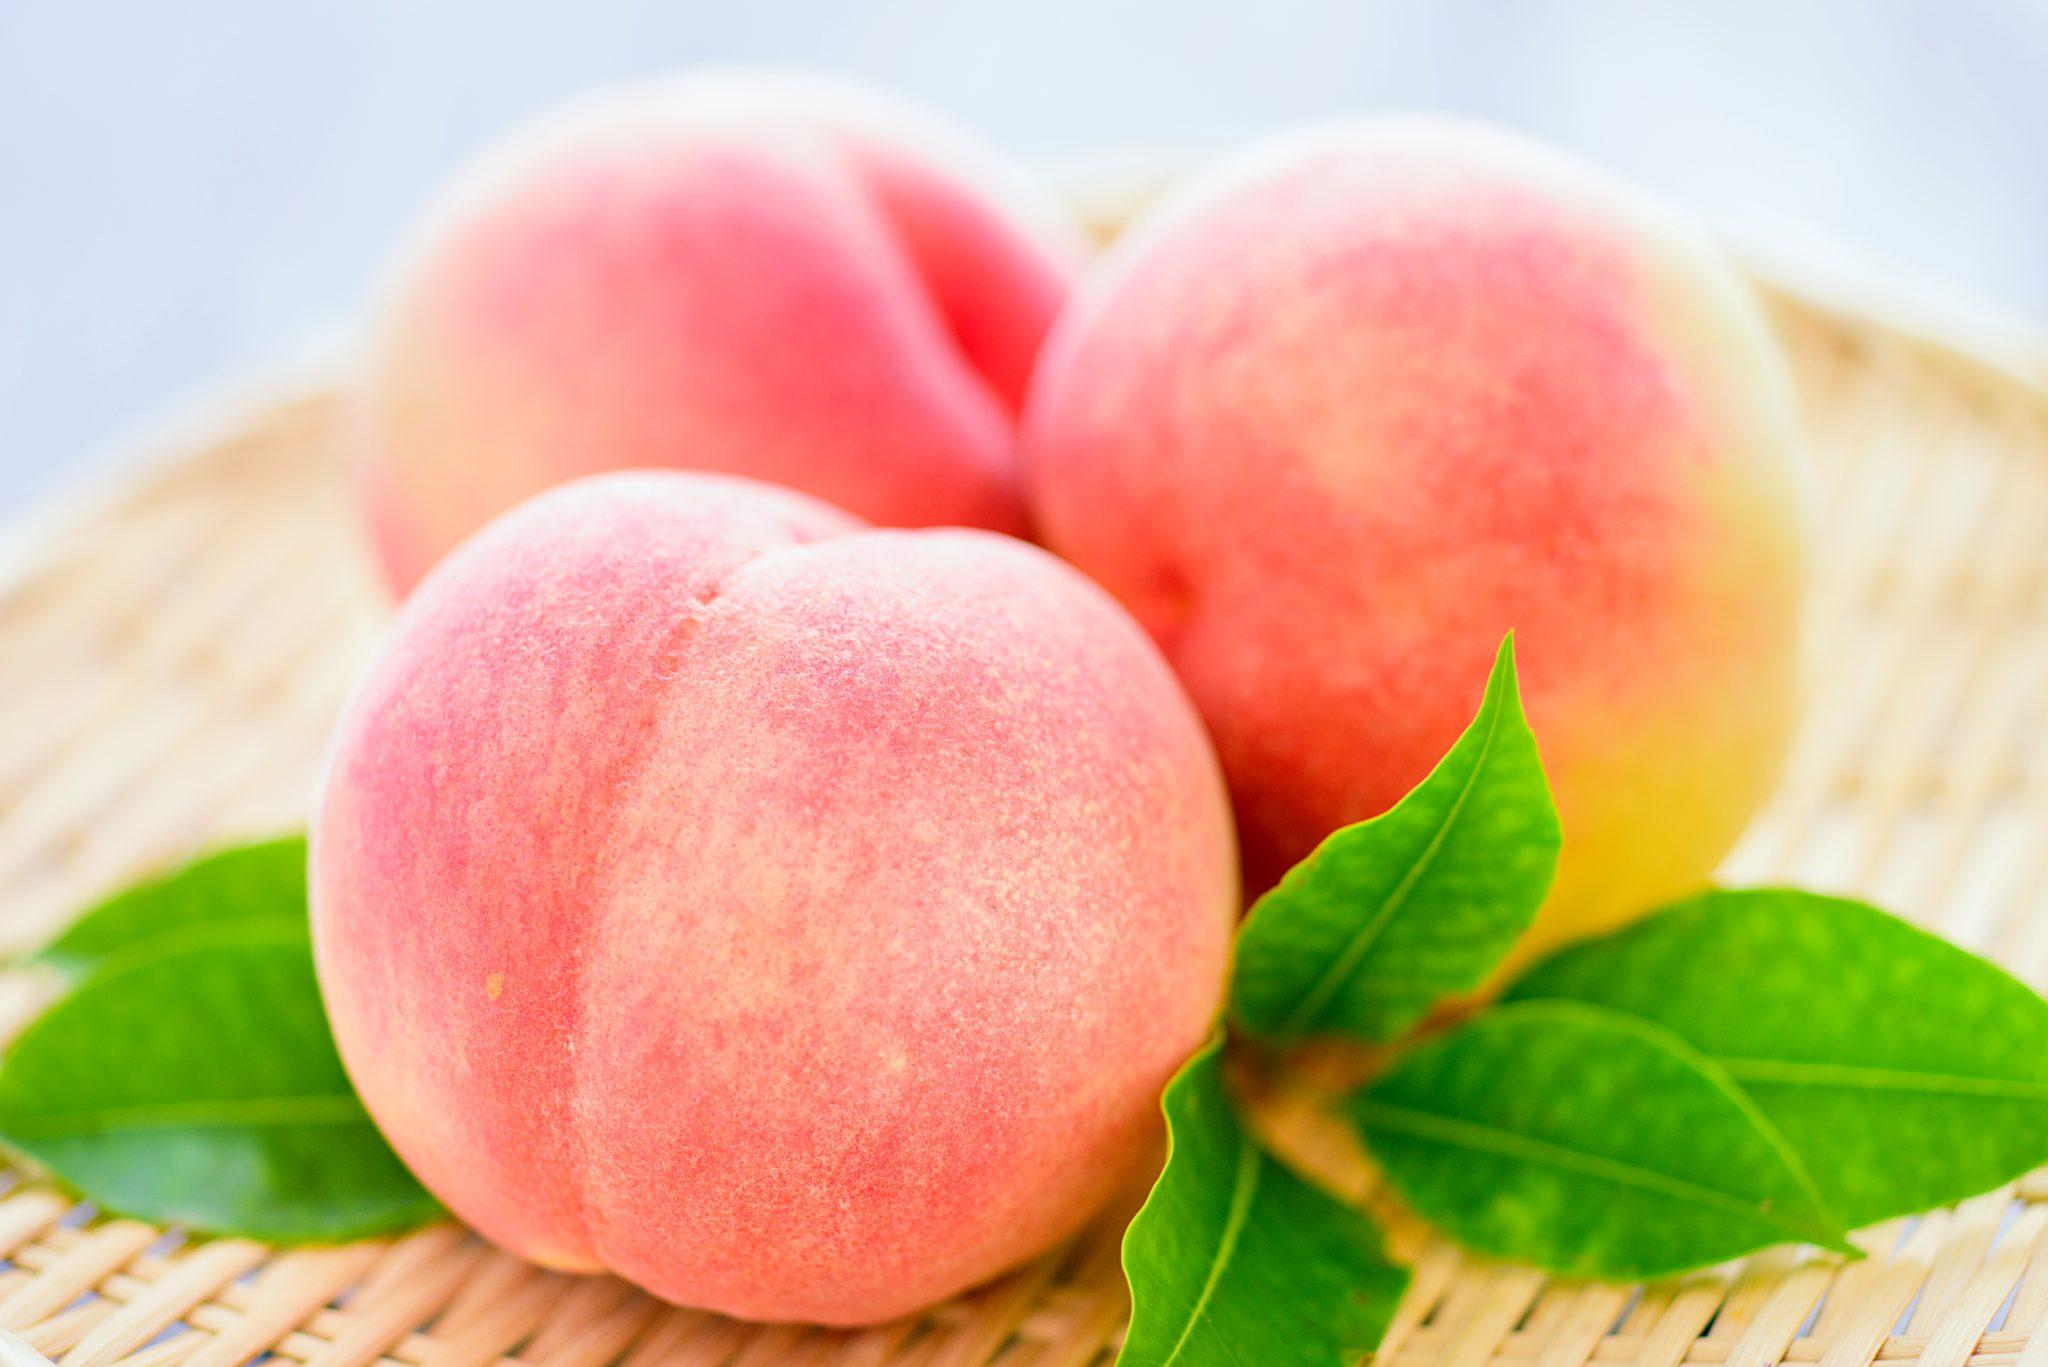 美味しそうな桃